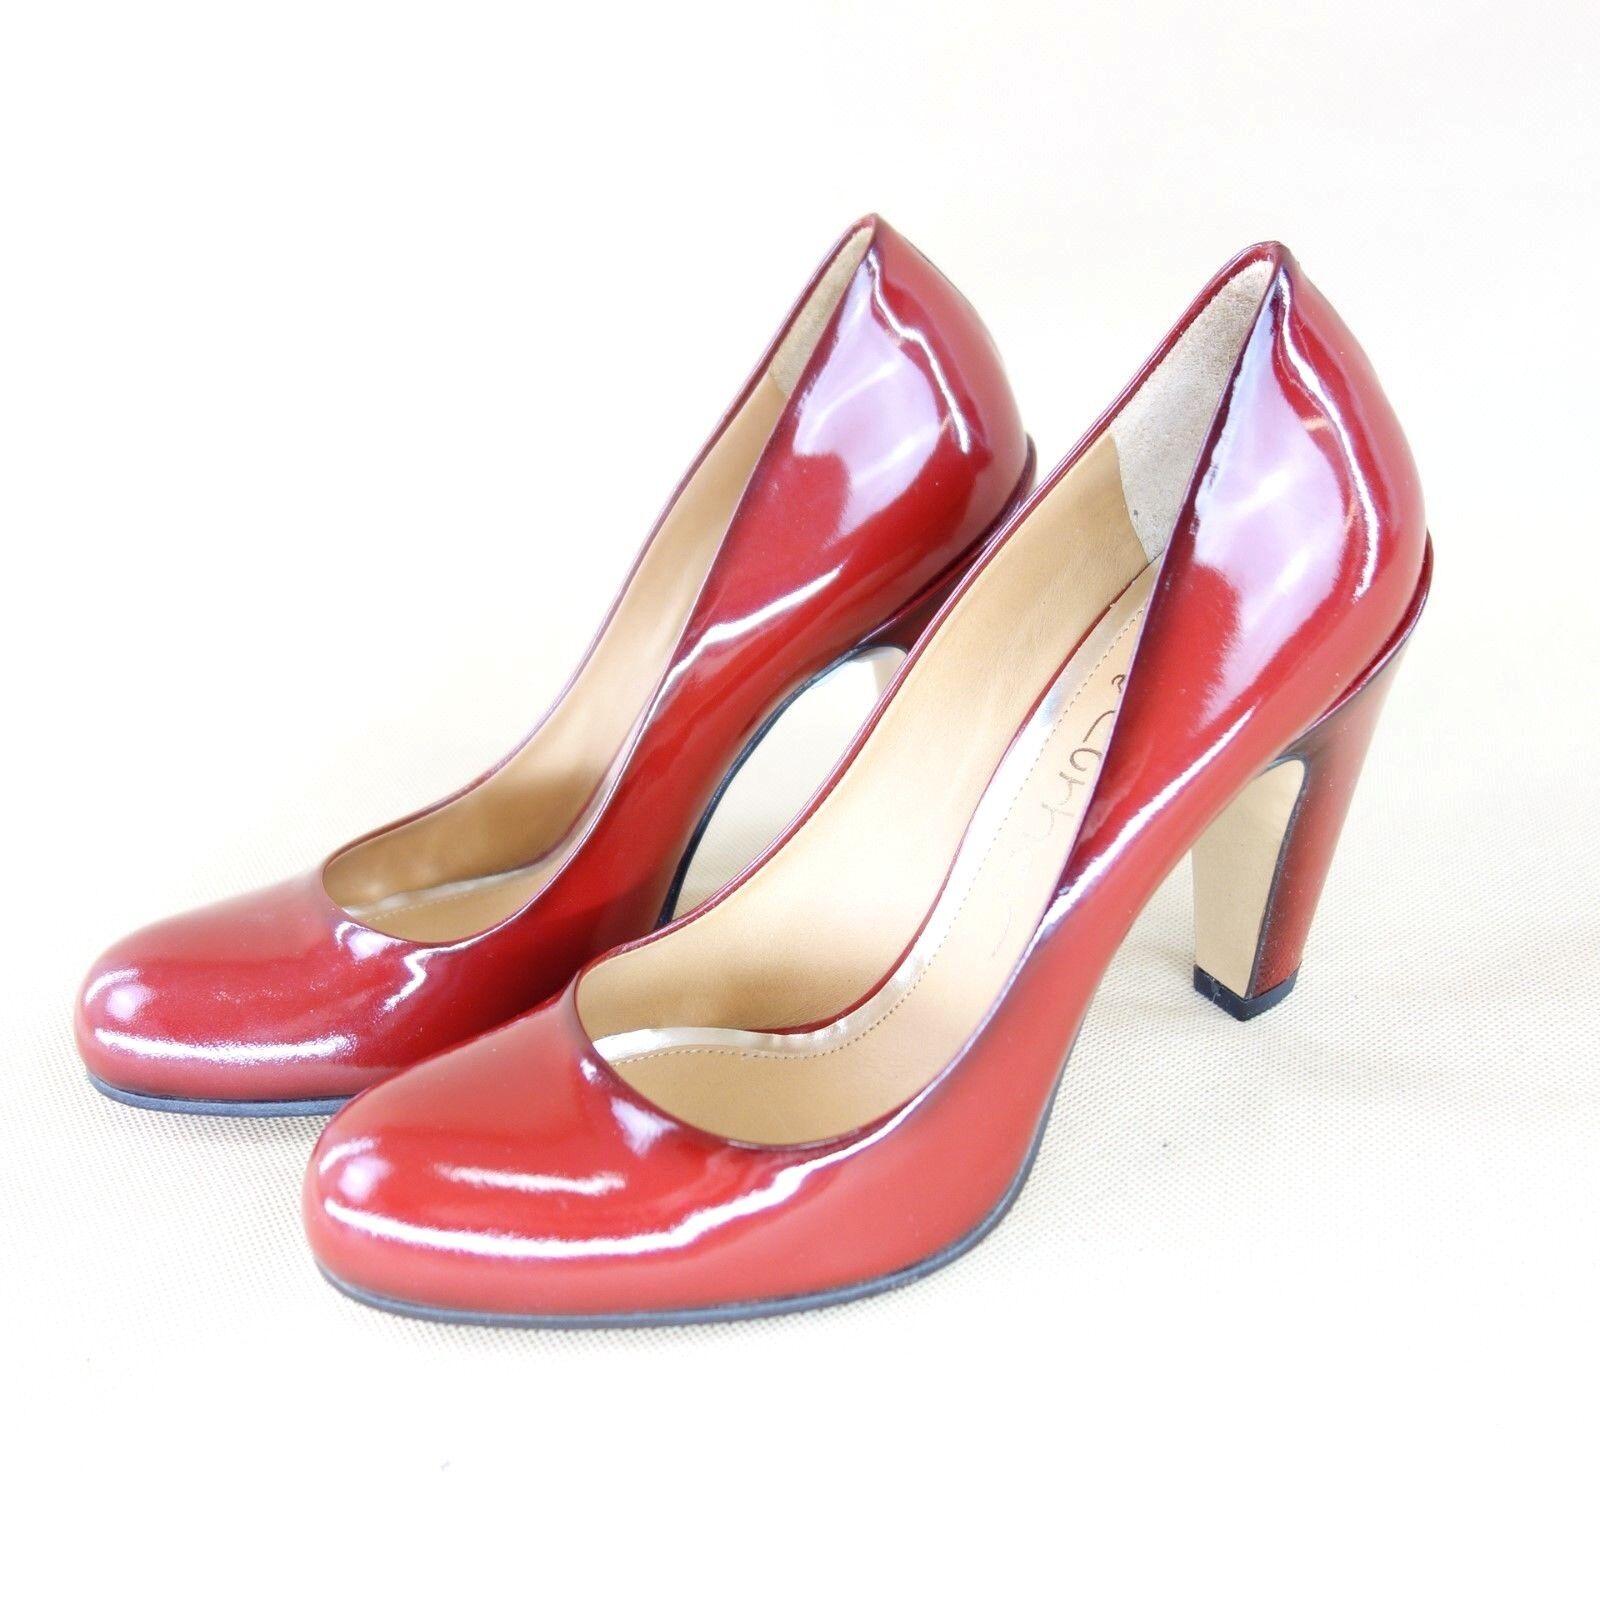 Eva Turner Donna Scarpe Scollate Scarpe Sandaletti pellire  Cuoio Verniciato Rosso  nessun minimo